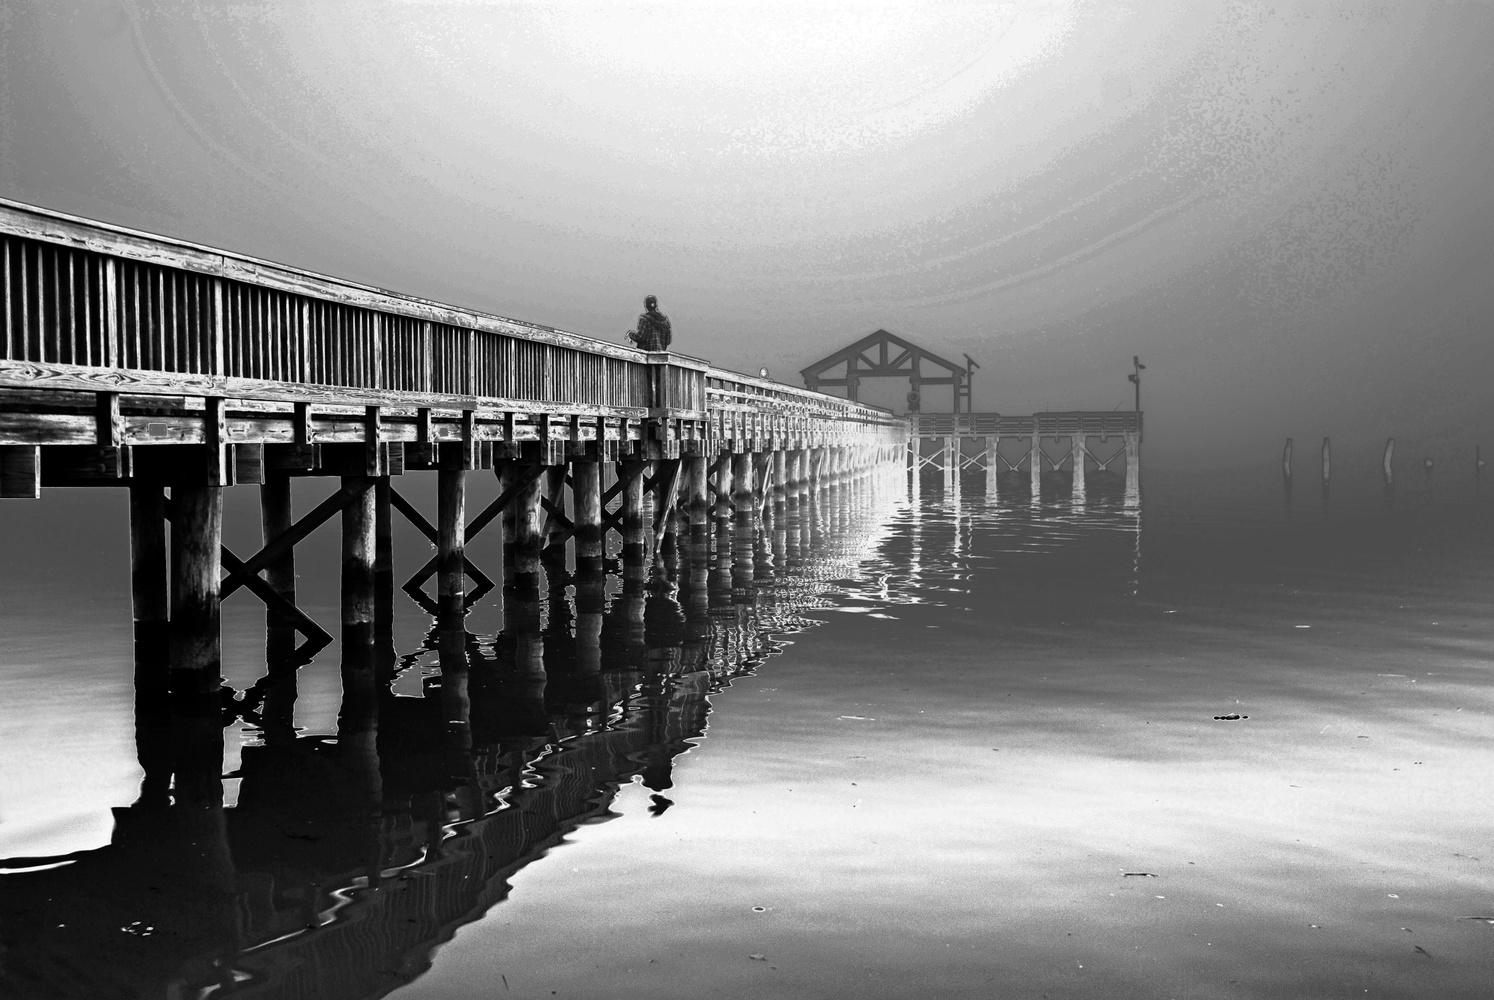 Fishing pier in fog by Bill Jonscher